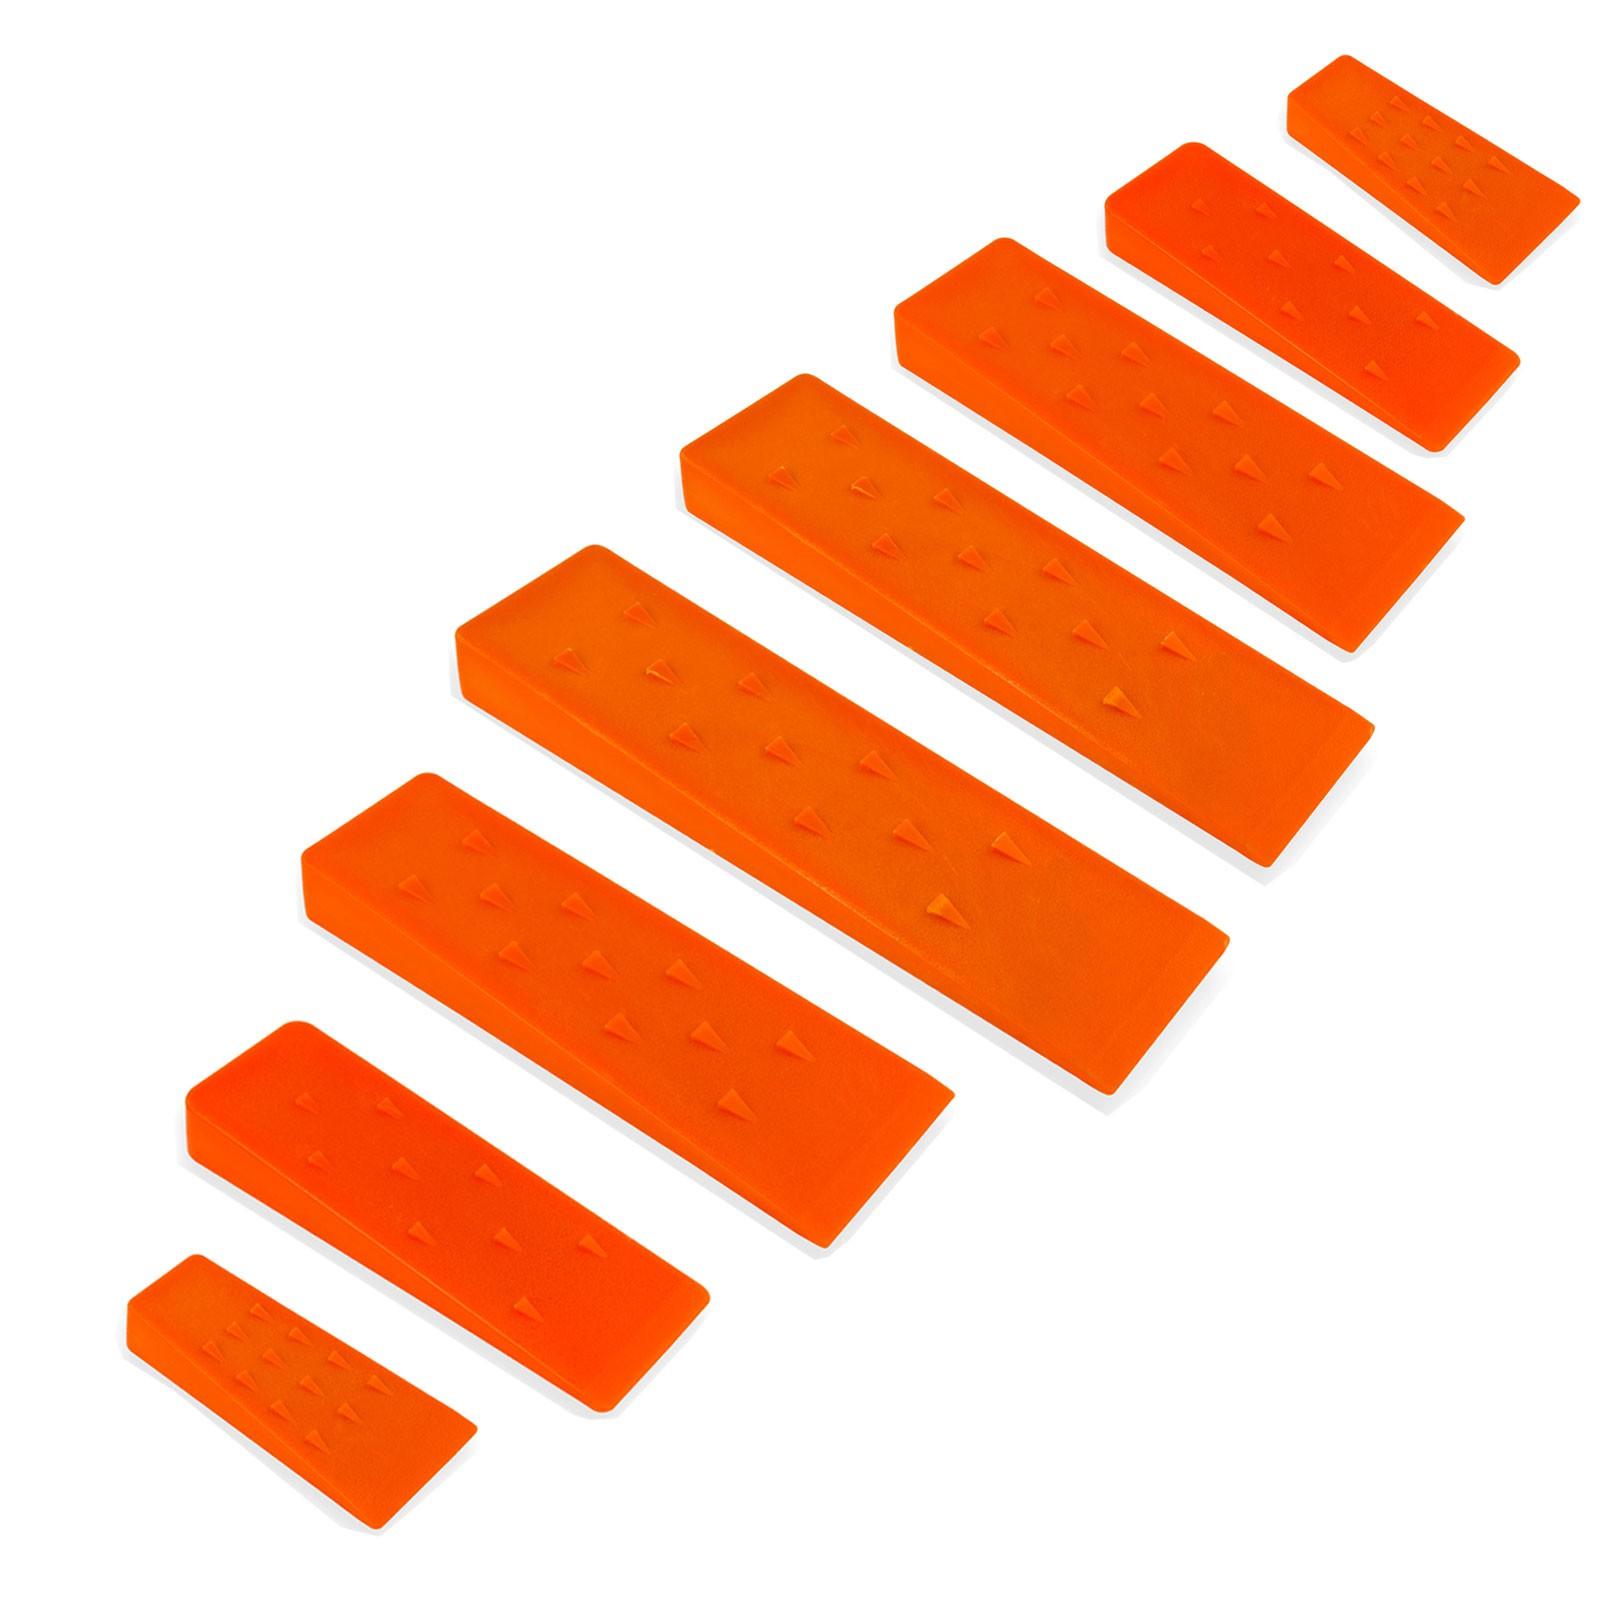 3er Set Spalt-Keil Kunststoff Fällkeil 205 mm Holzspalter Treibkeil Nachsetzkeil